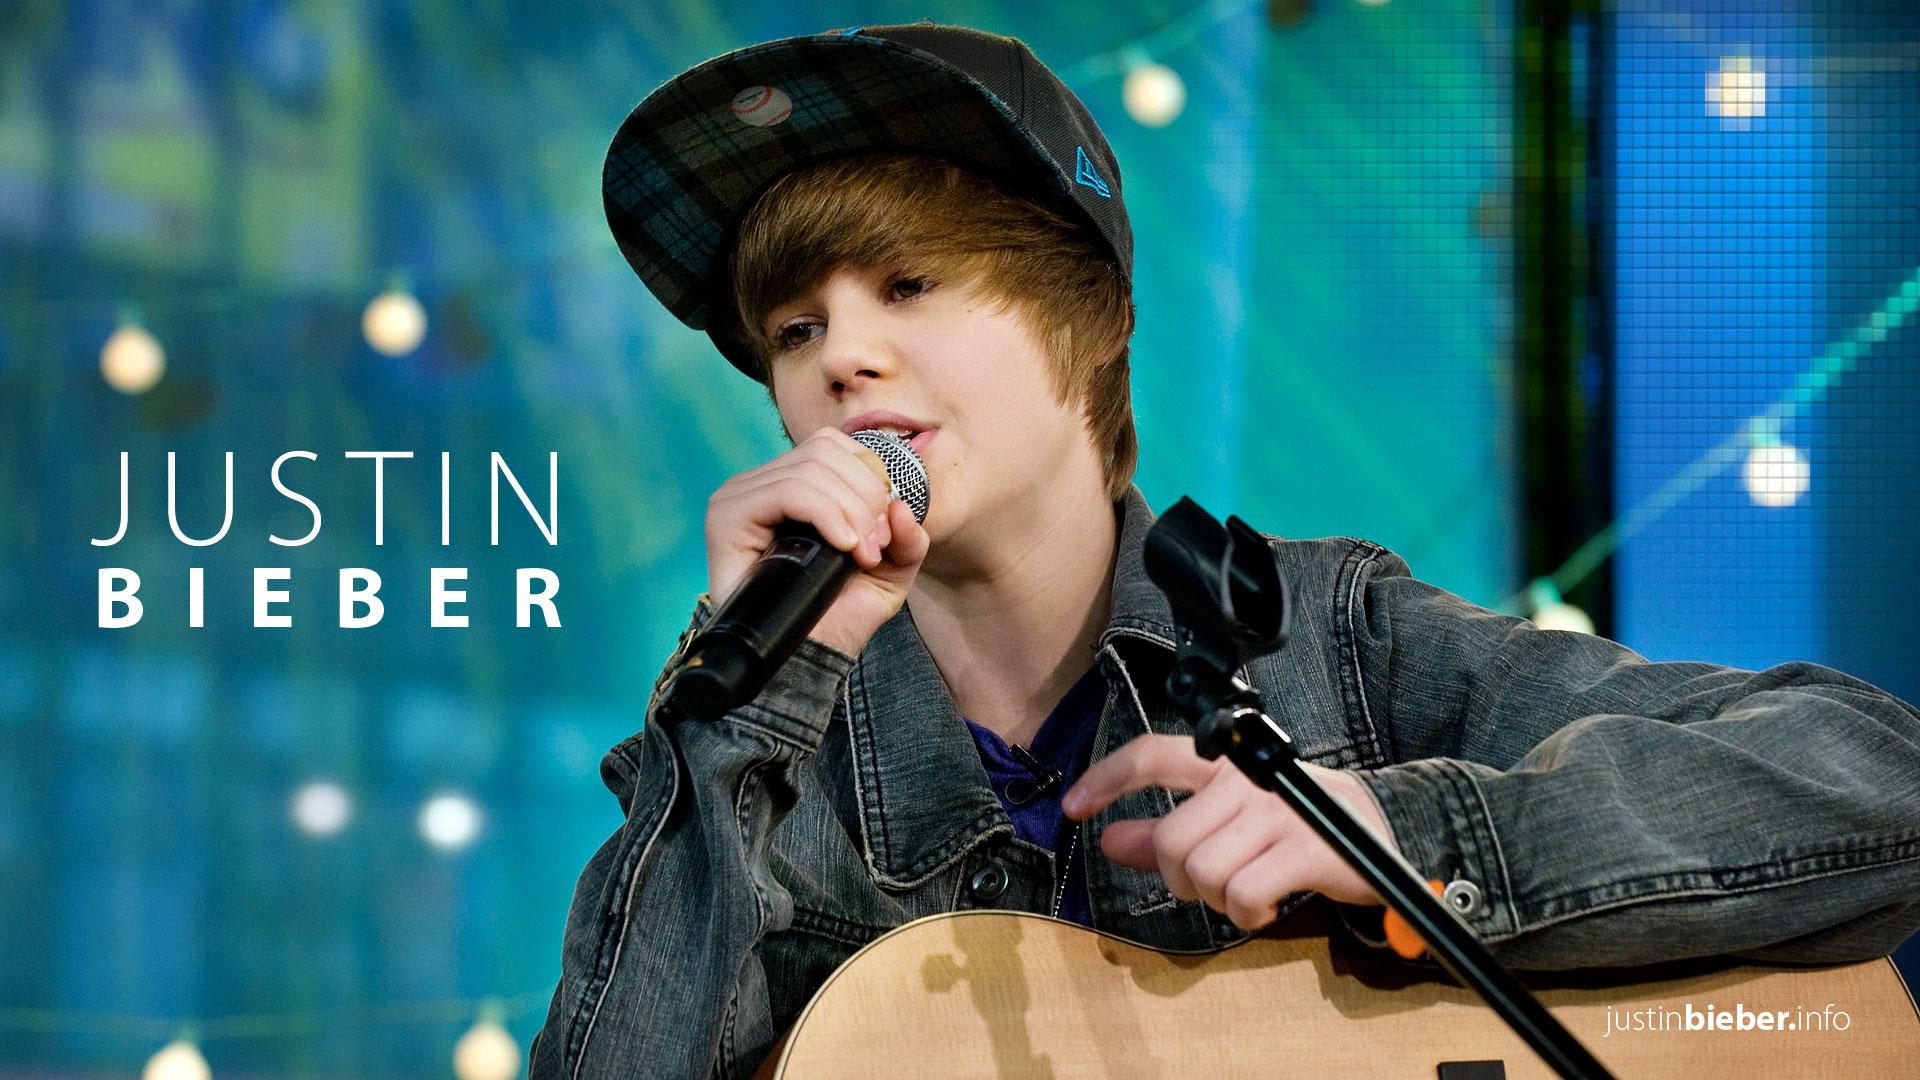 Justin Bieber en su juventud - 1920x1080